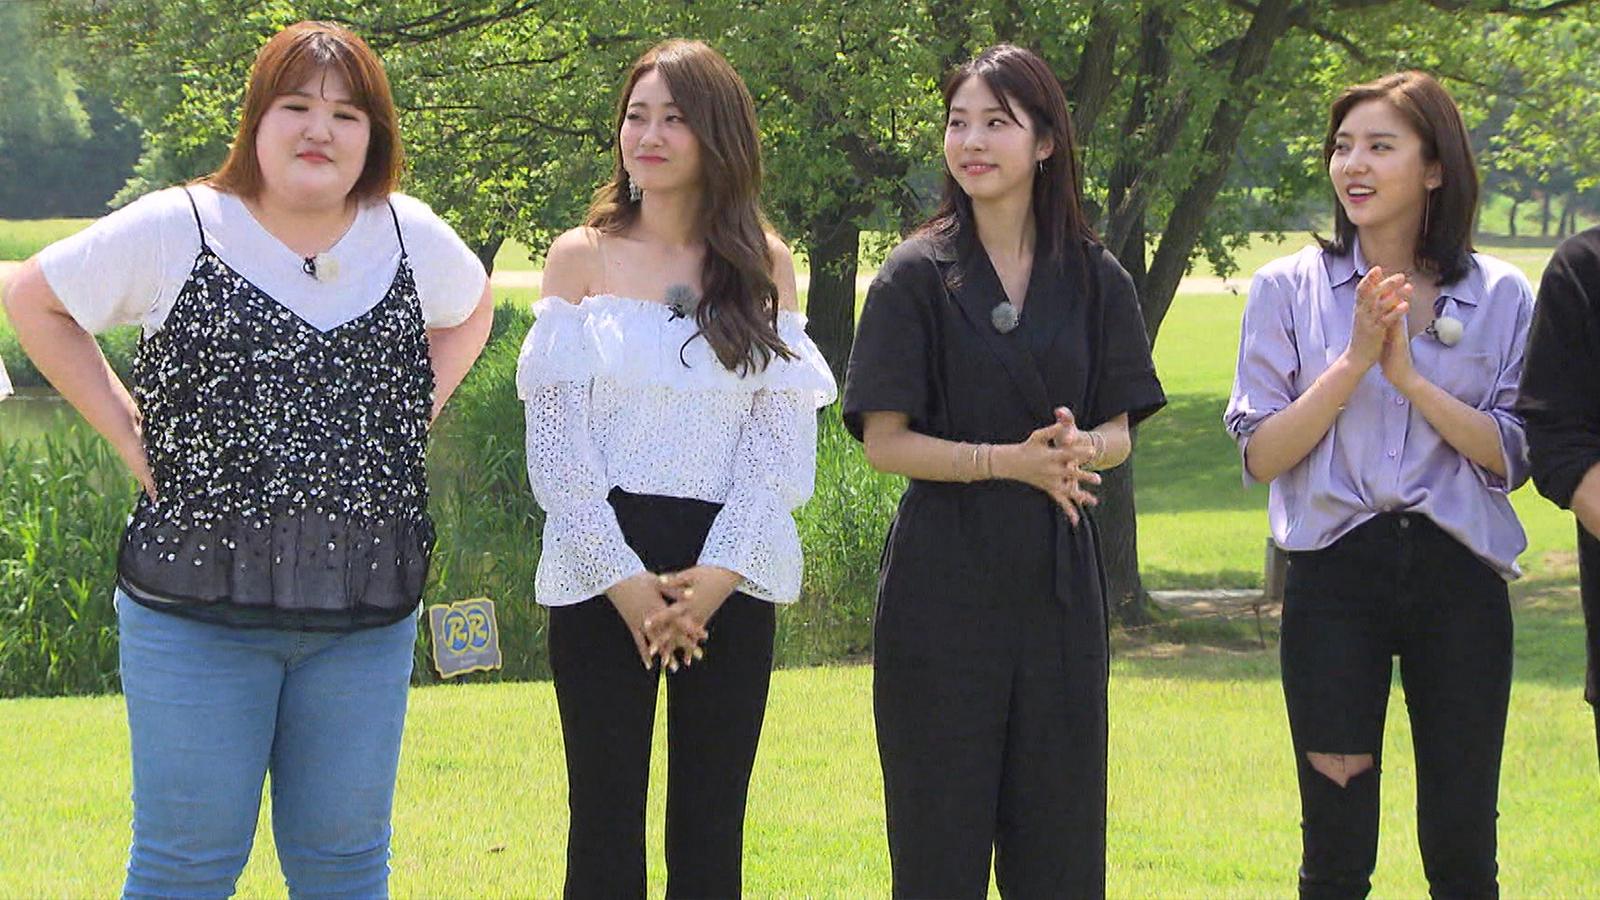 running man episode 405 - 런닝맨 - watch full episodes free - korea